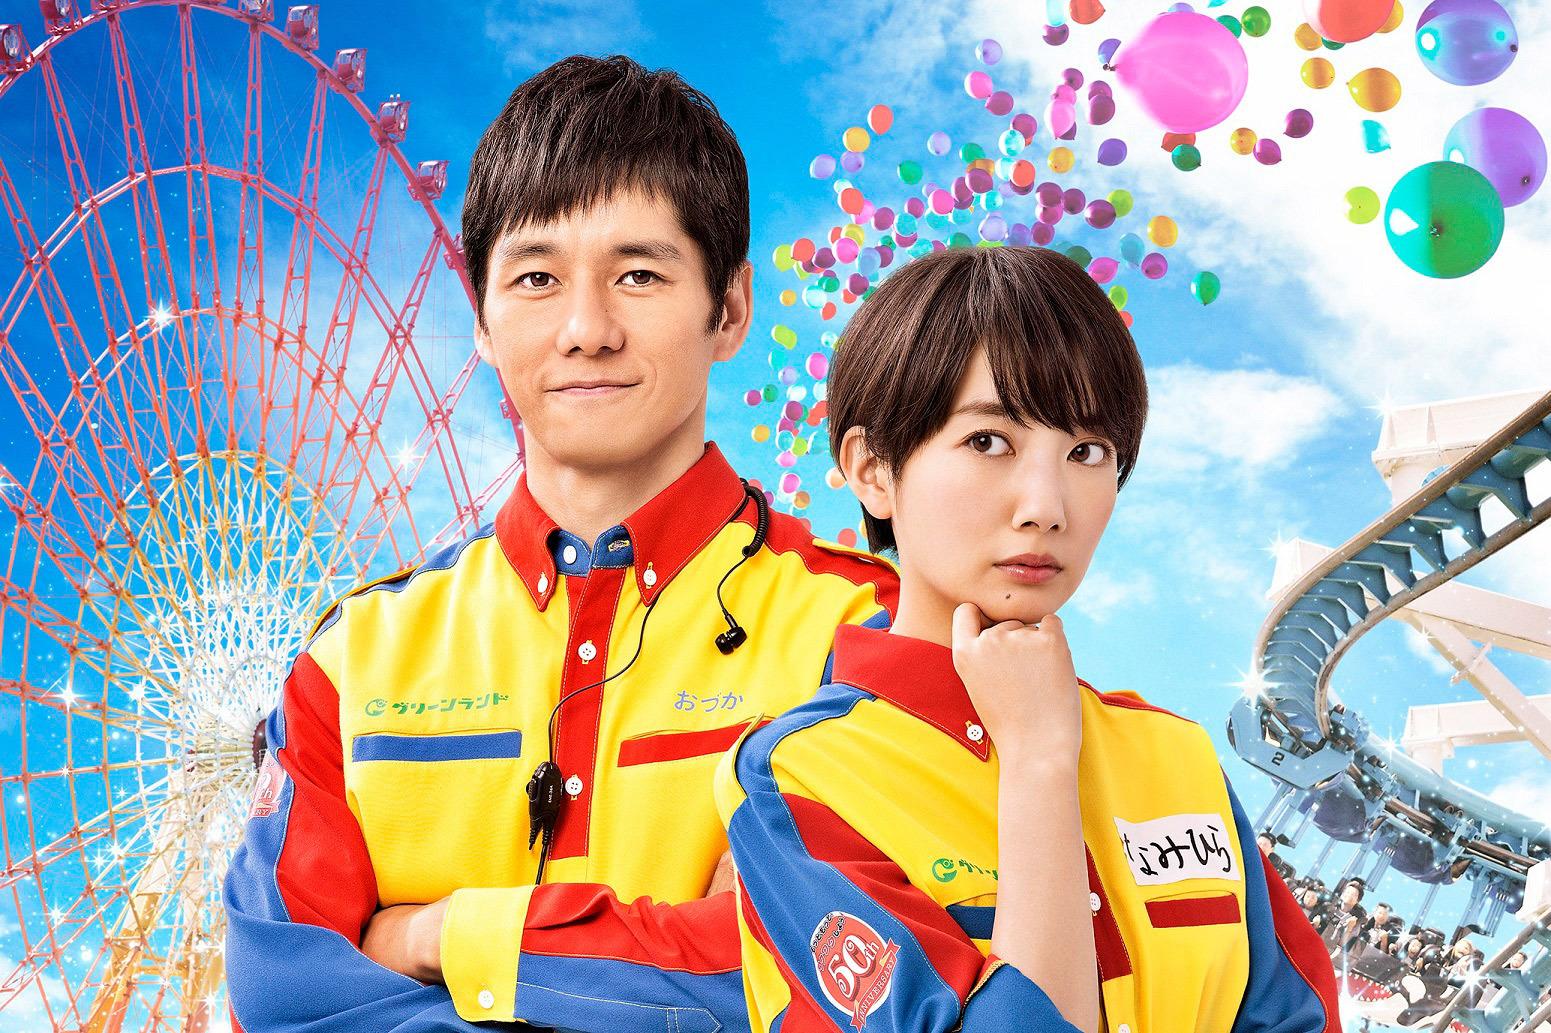 女優波瑠と俳優西島俊秀 映画「オズランド」場面写真